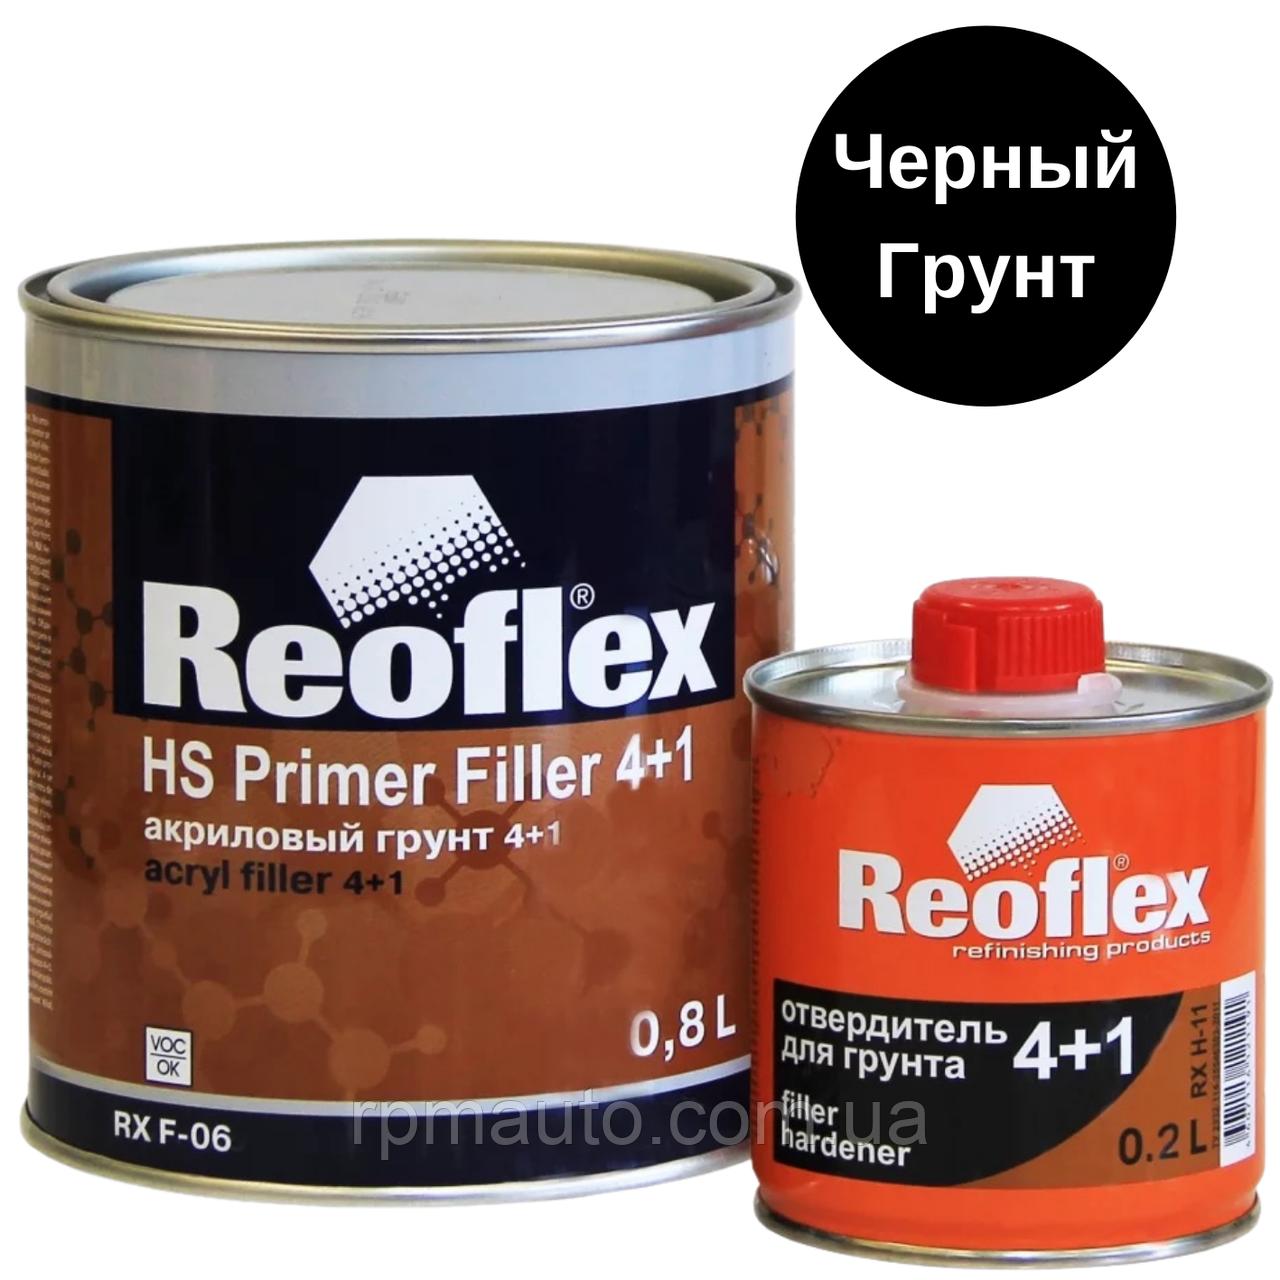 Грунт Акриловый Черный REOFLEX HS Primer Filler 4+1 RX F-06  0,8л с Отвердителем 0,2л